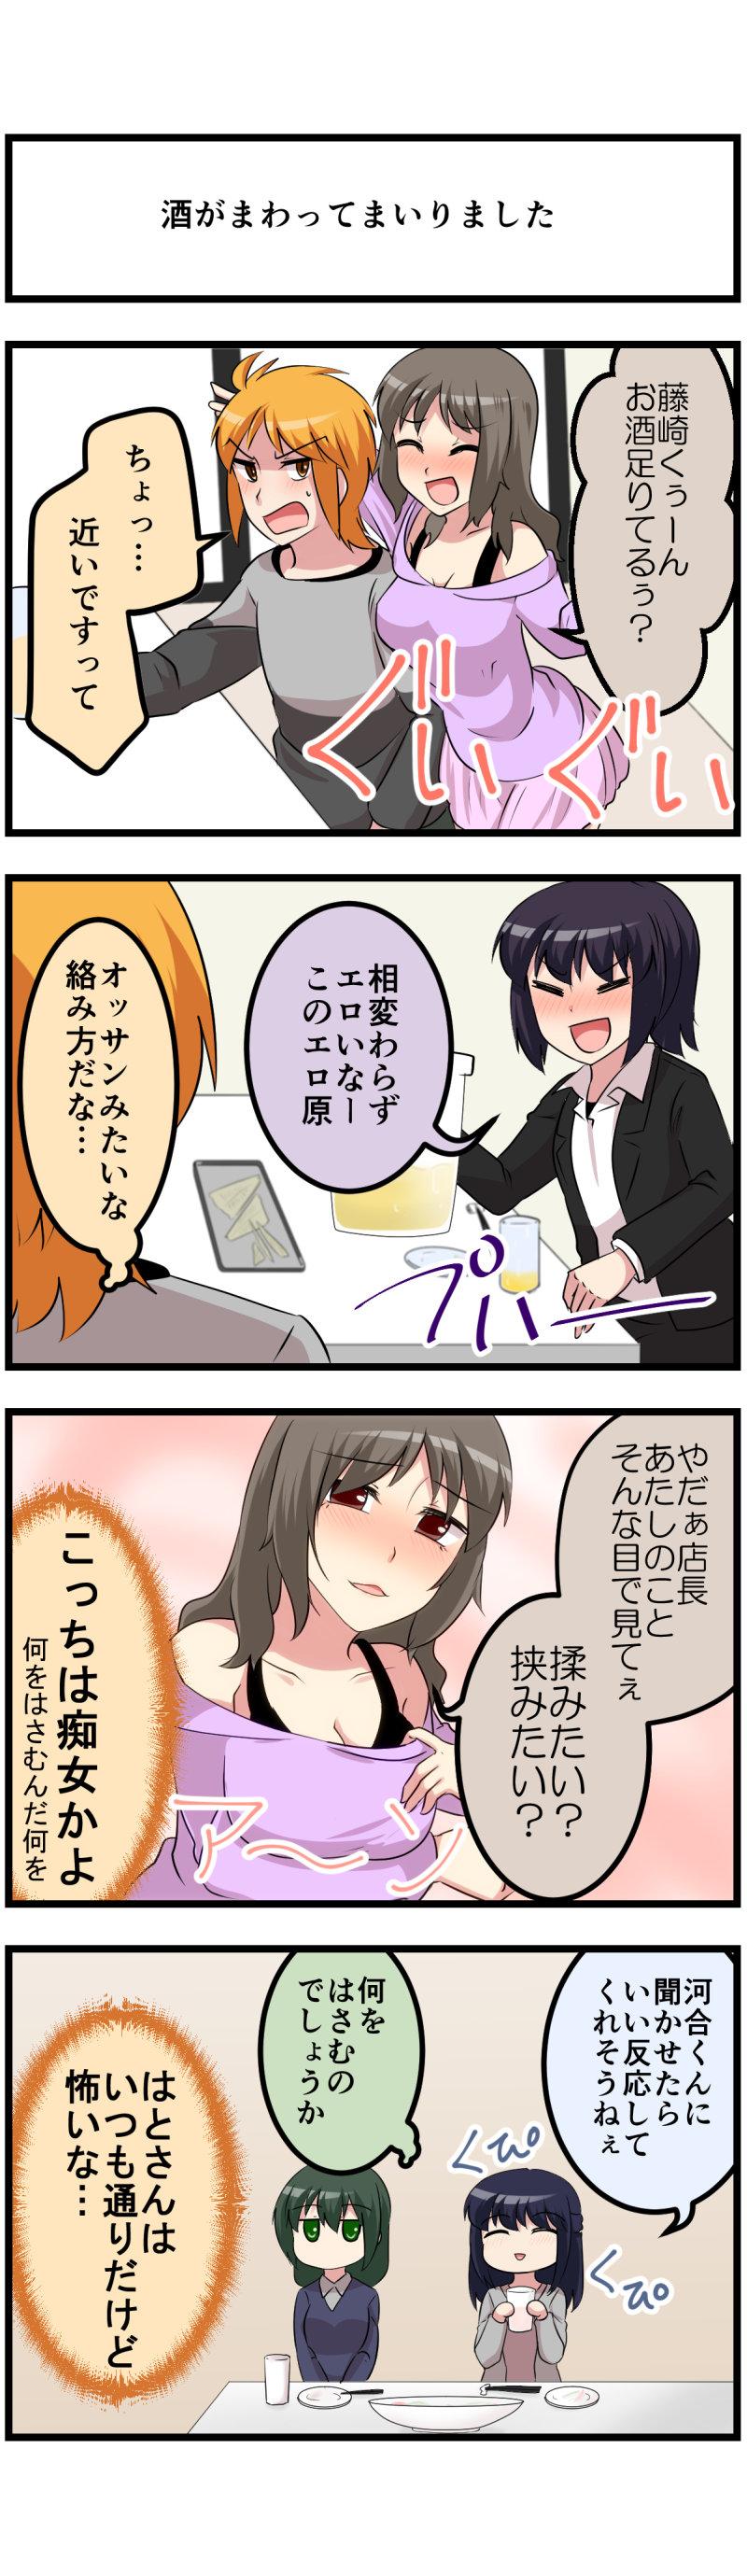 第82話「藤崎誕生祭(中編)」